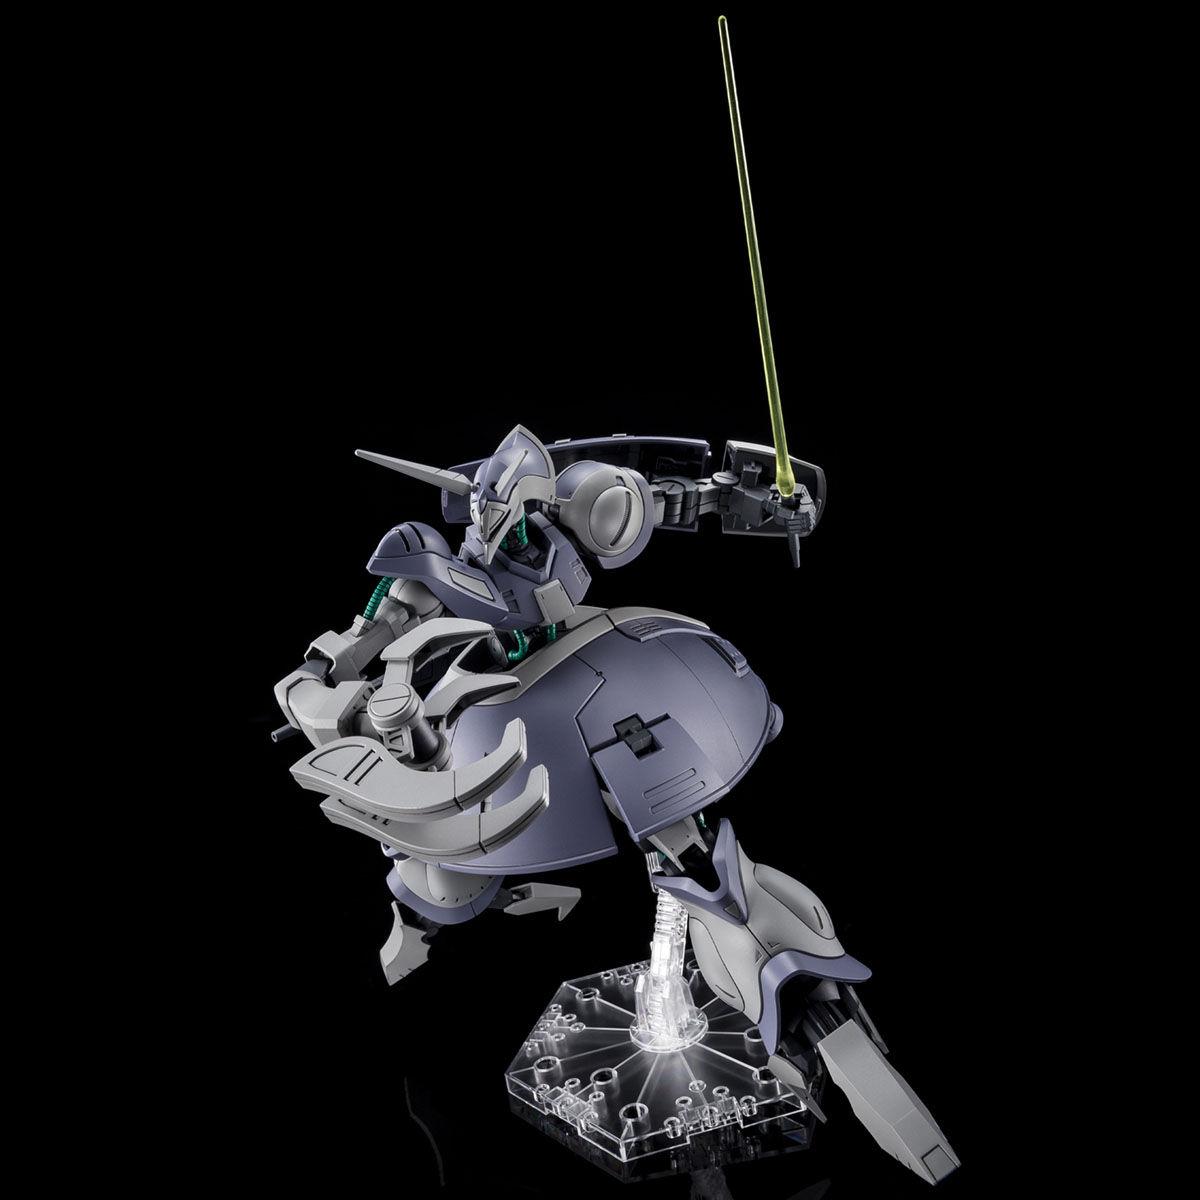 【限定販売】HG 1/144『バウンド・ドック(ゲーツ・キャパ専用機)』機動戦士Zガンダム プラモデル-005